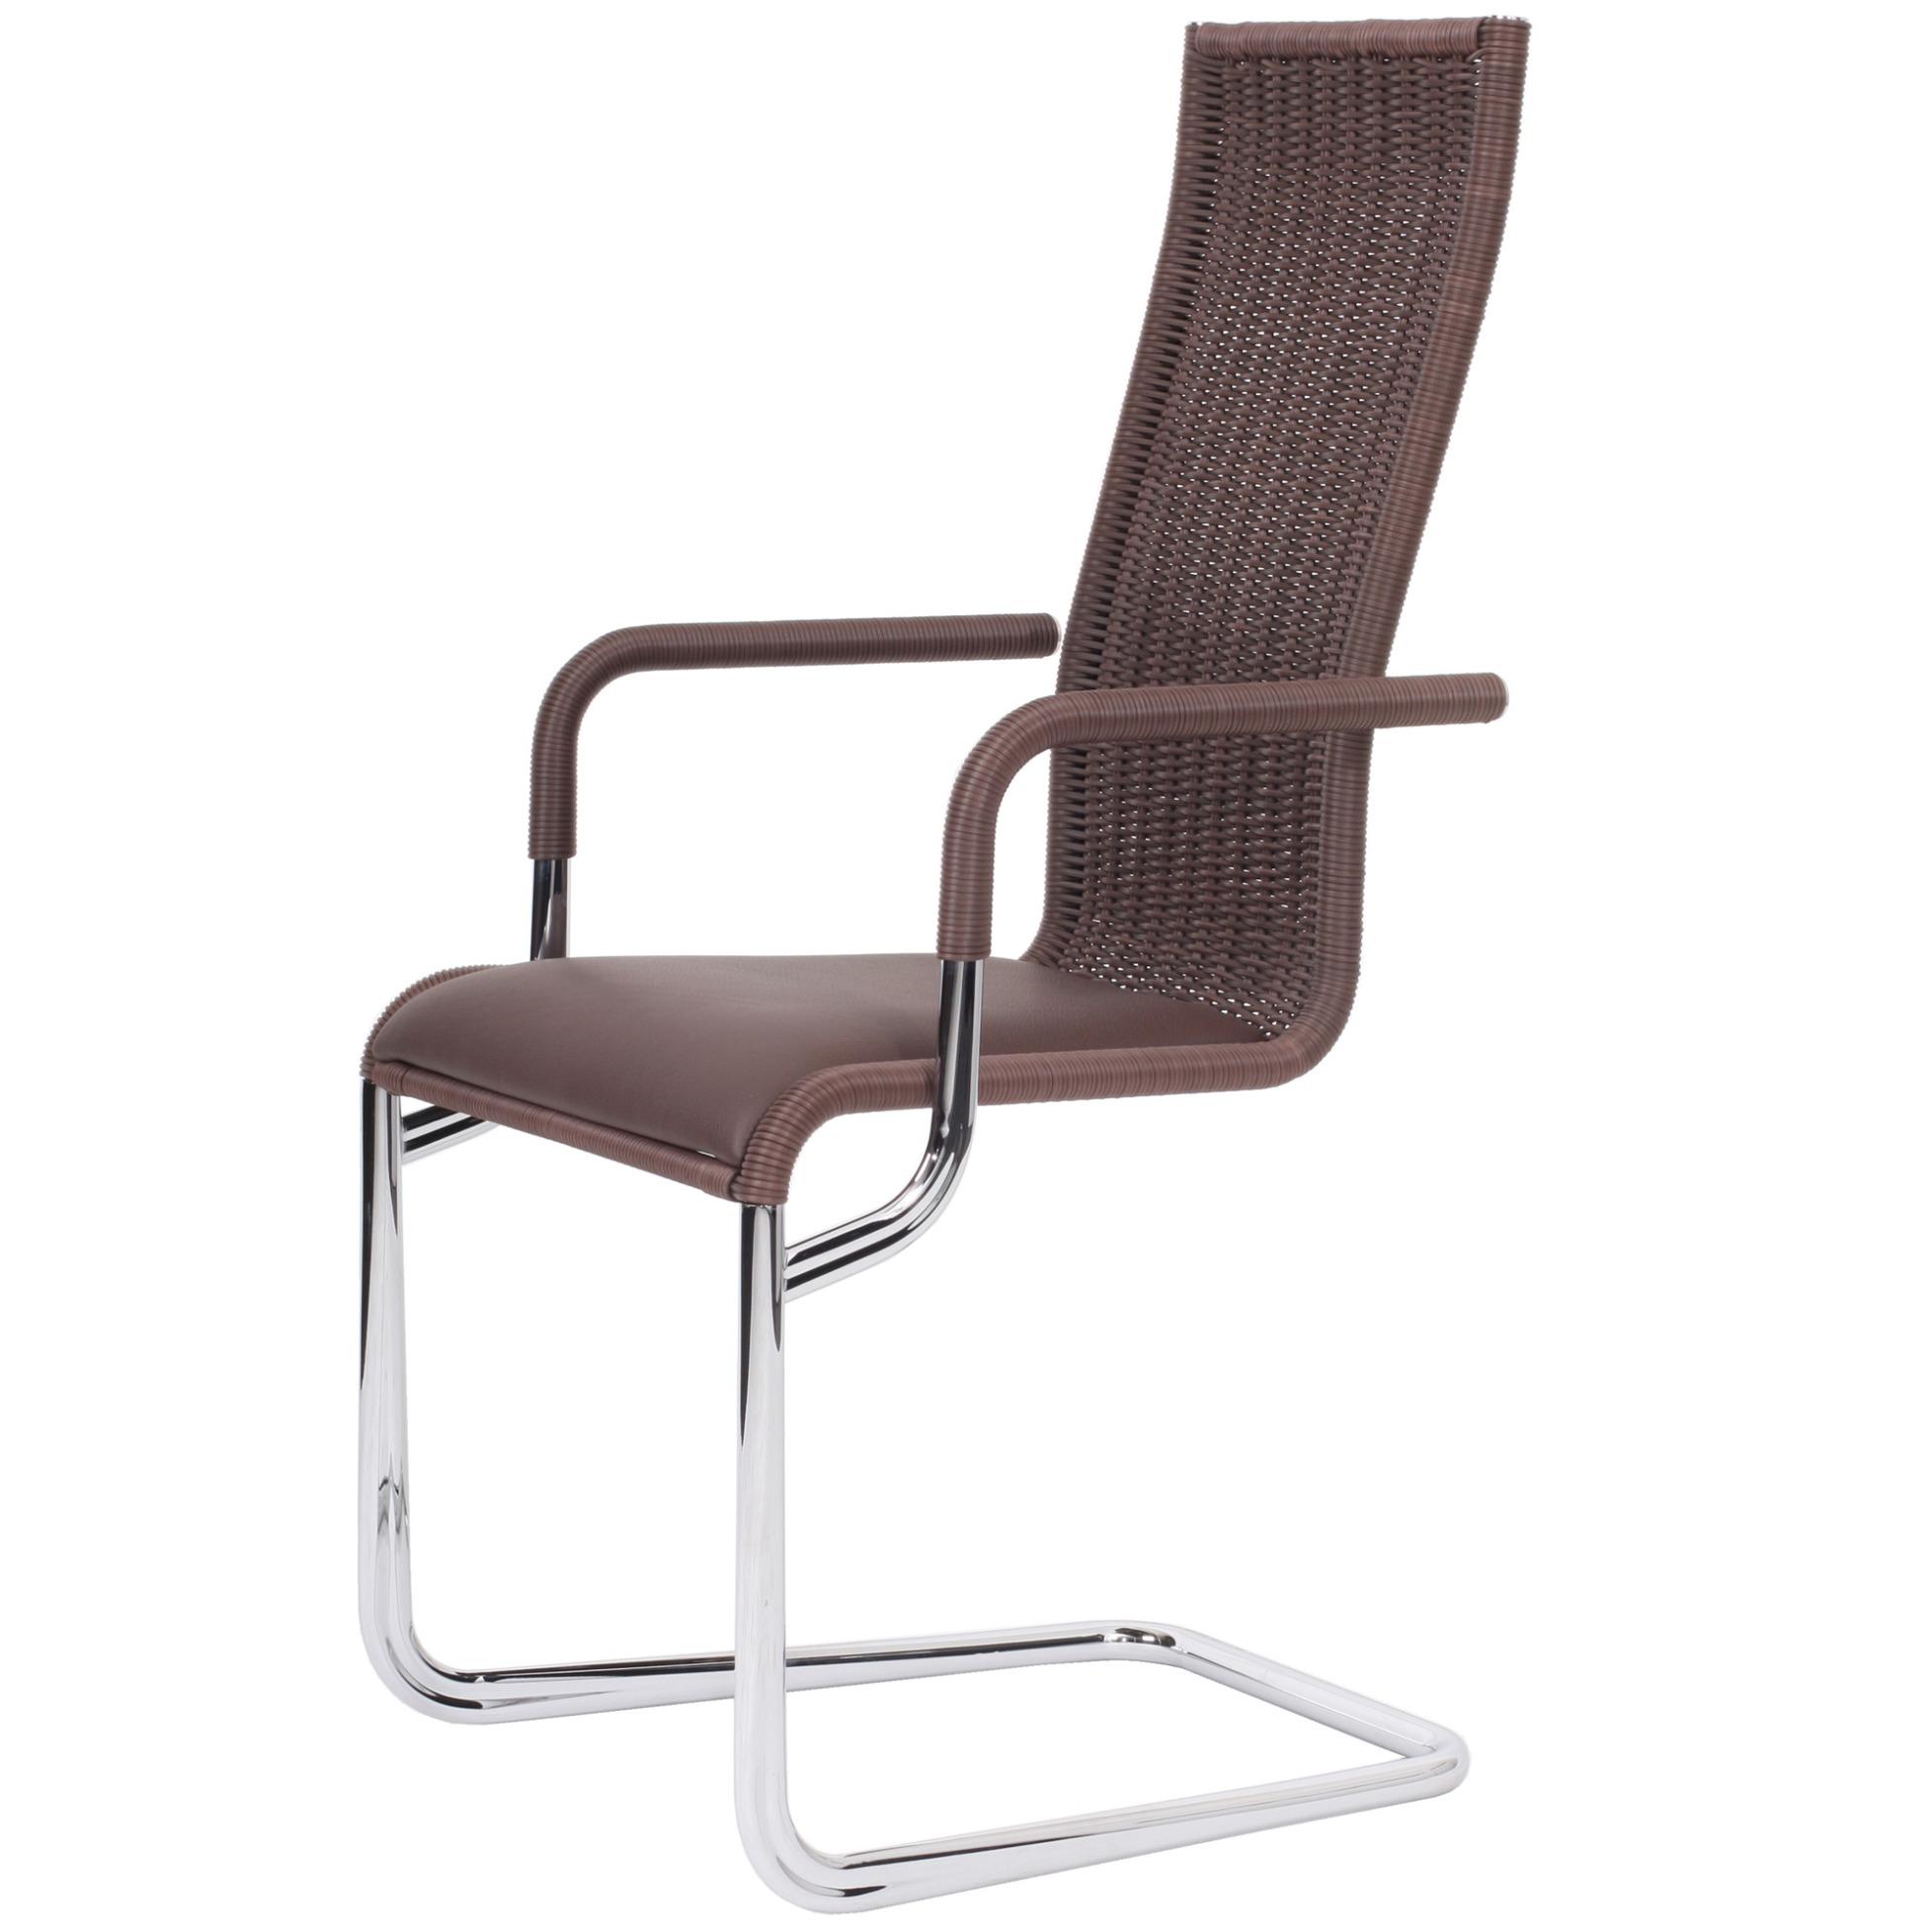 tecta d 26i kragstuhl. Black Bedroom Furniture Sets. Home Design Ideas